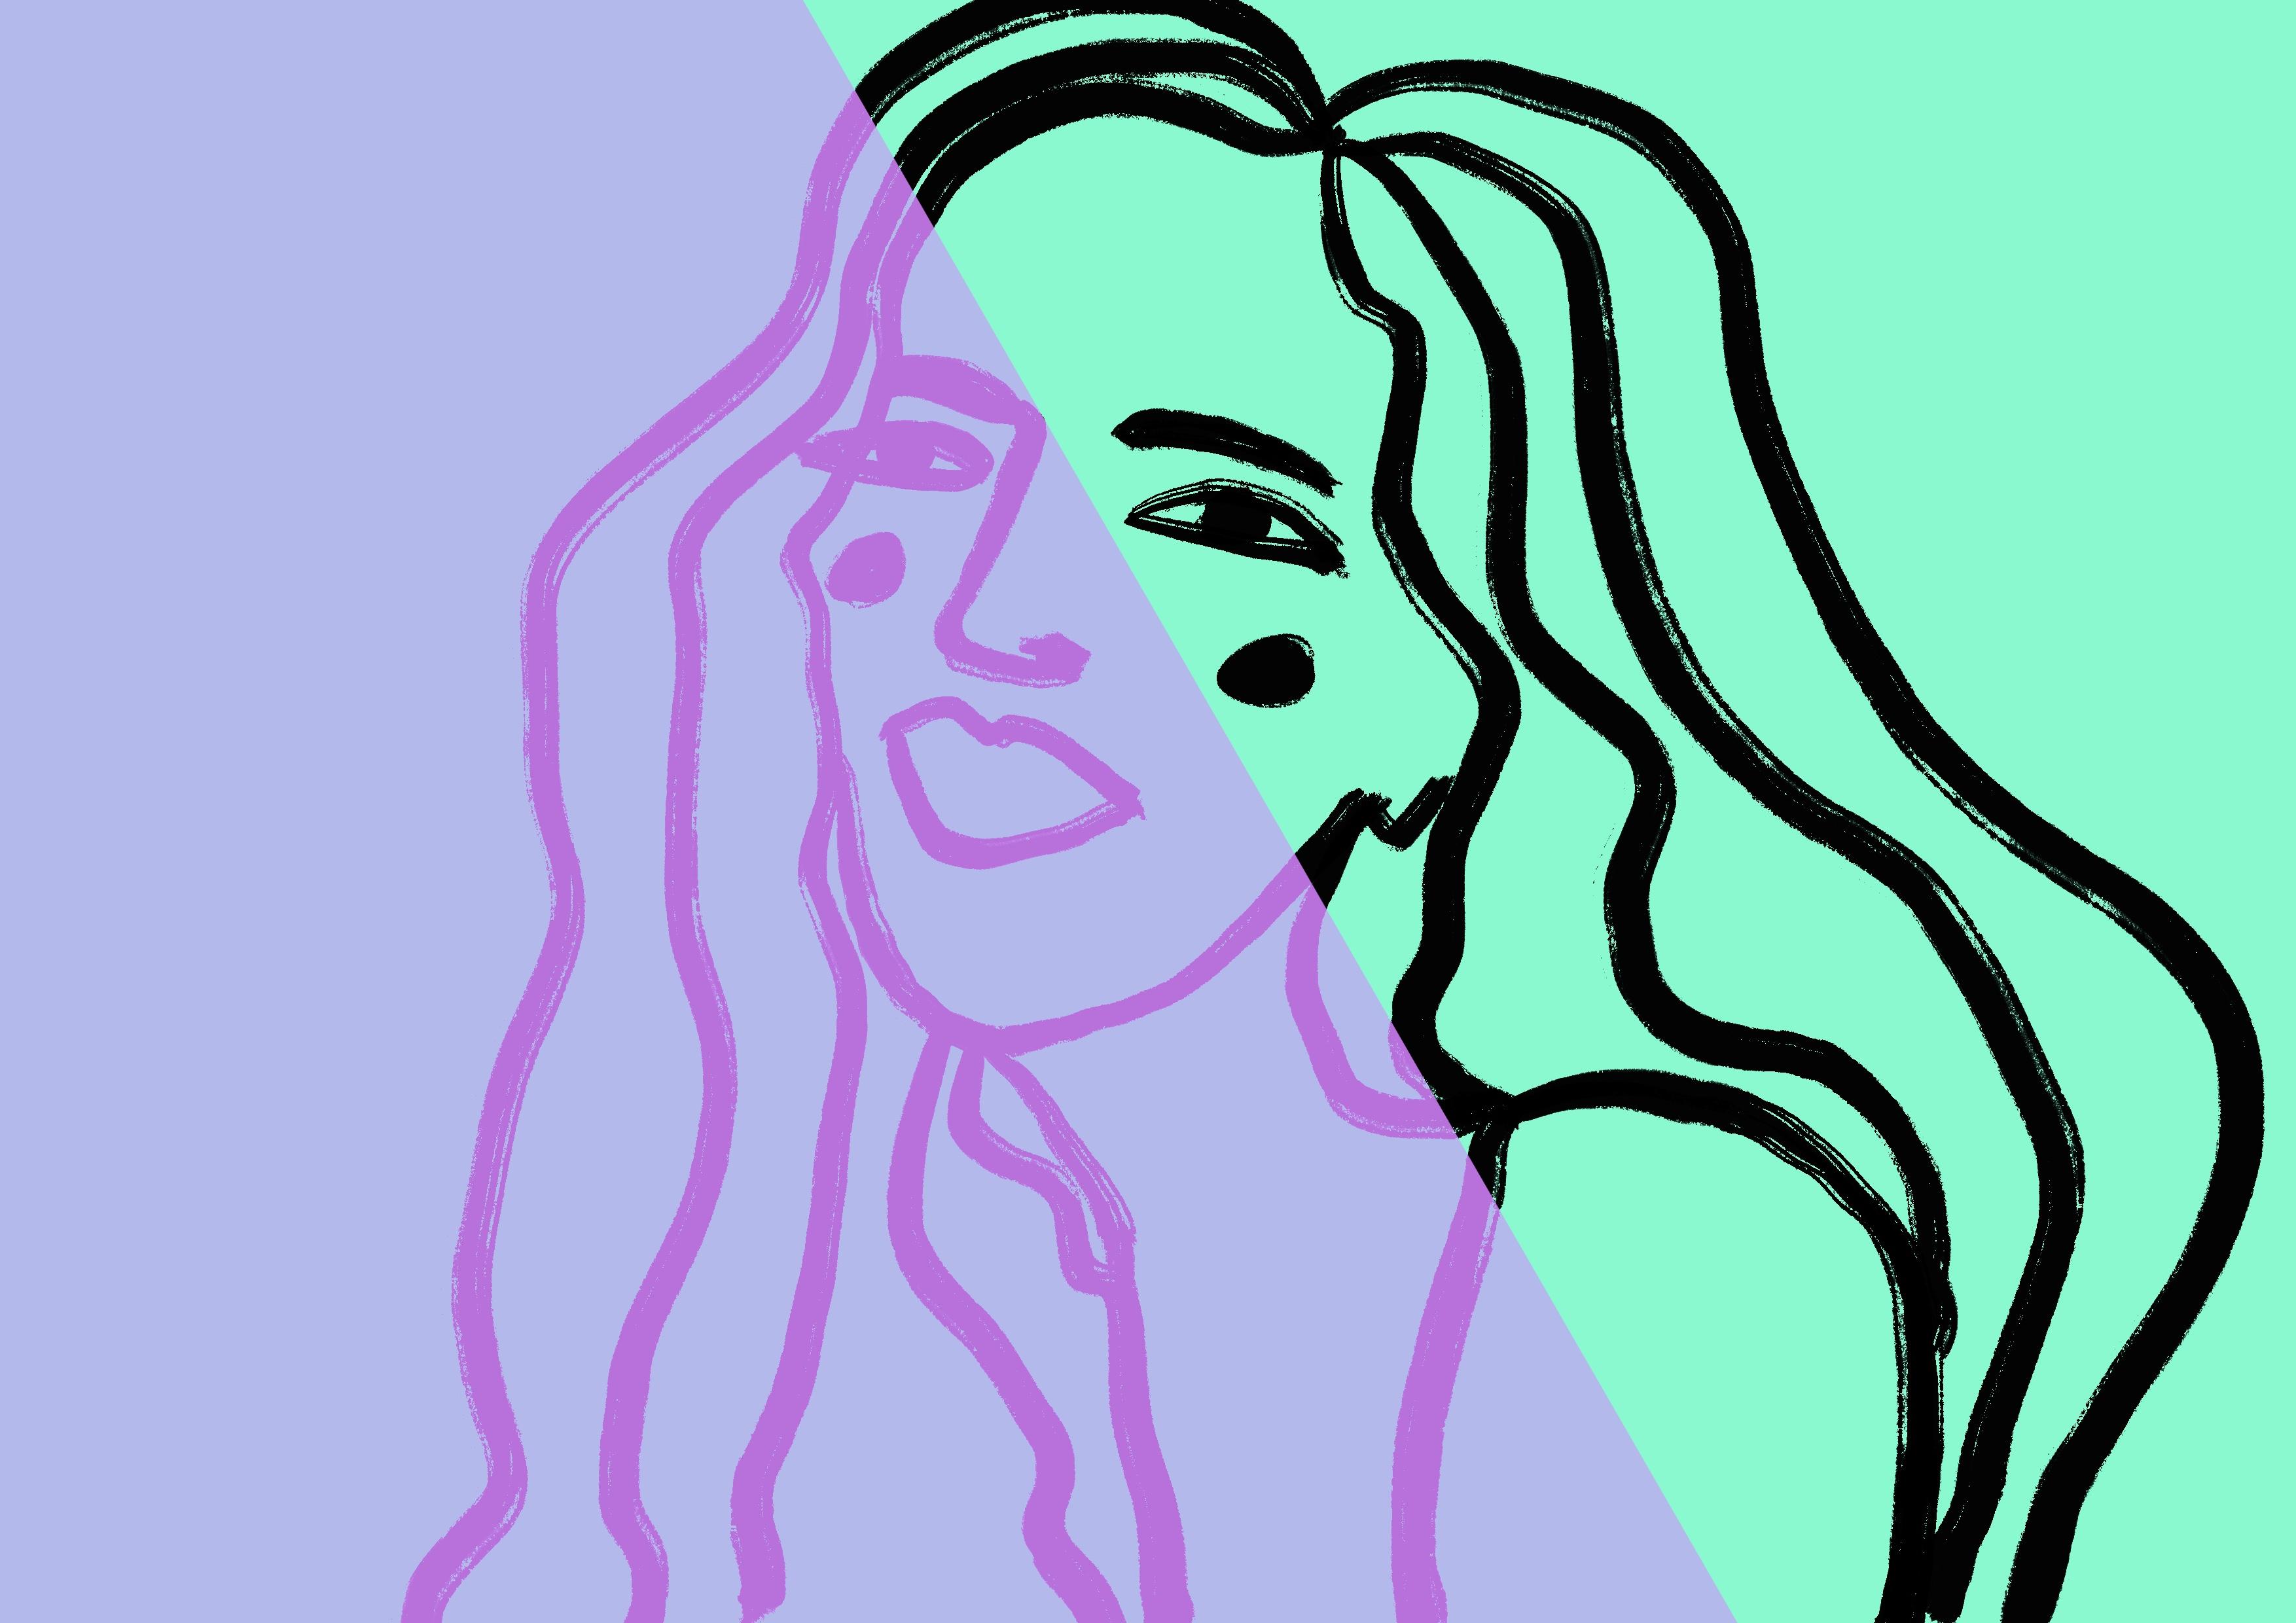 Intersex_Kelly_by Virginia Elena Patrone